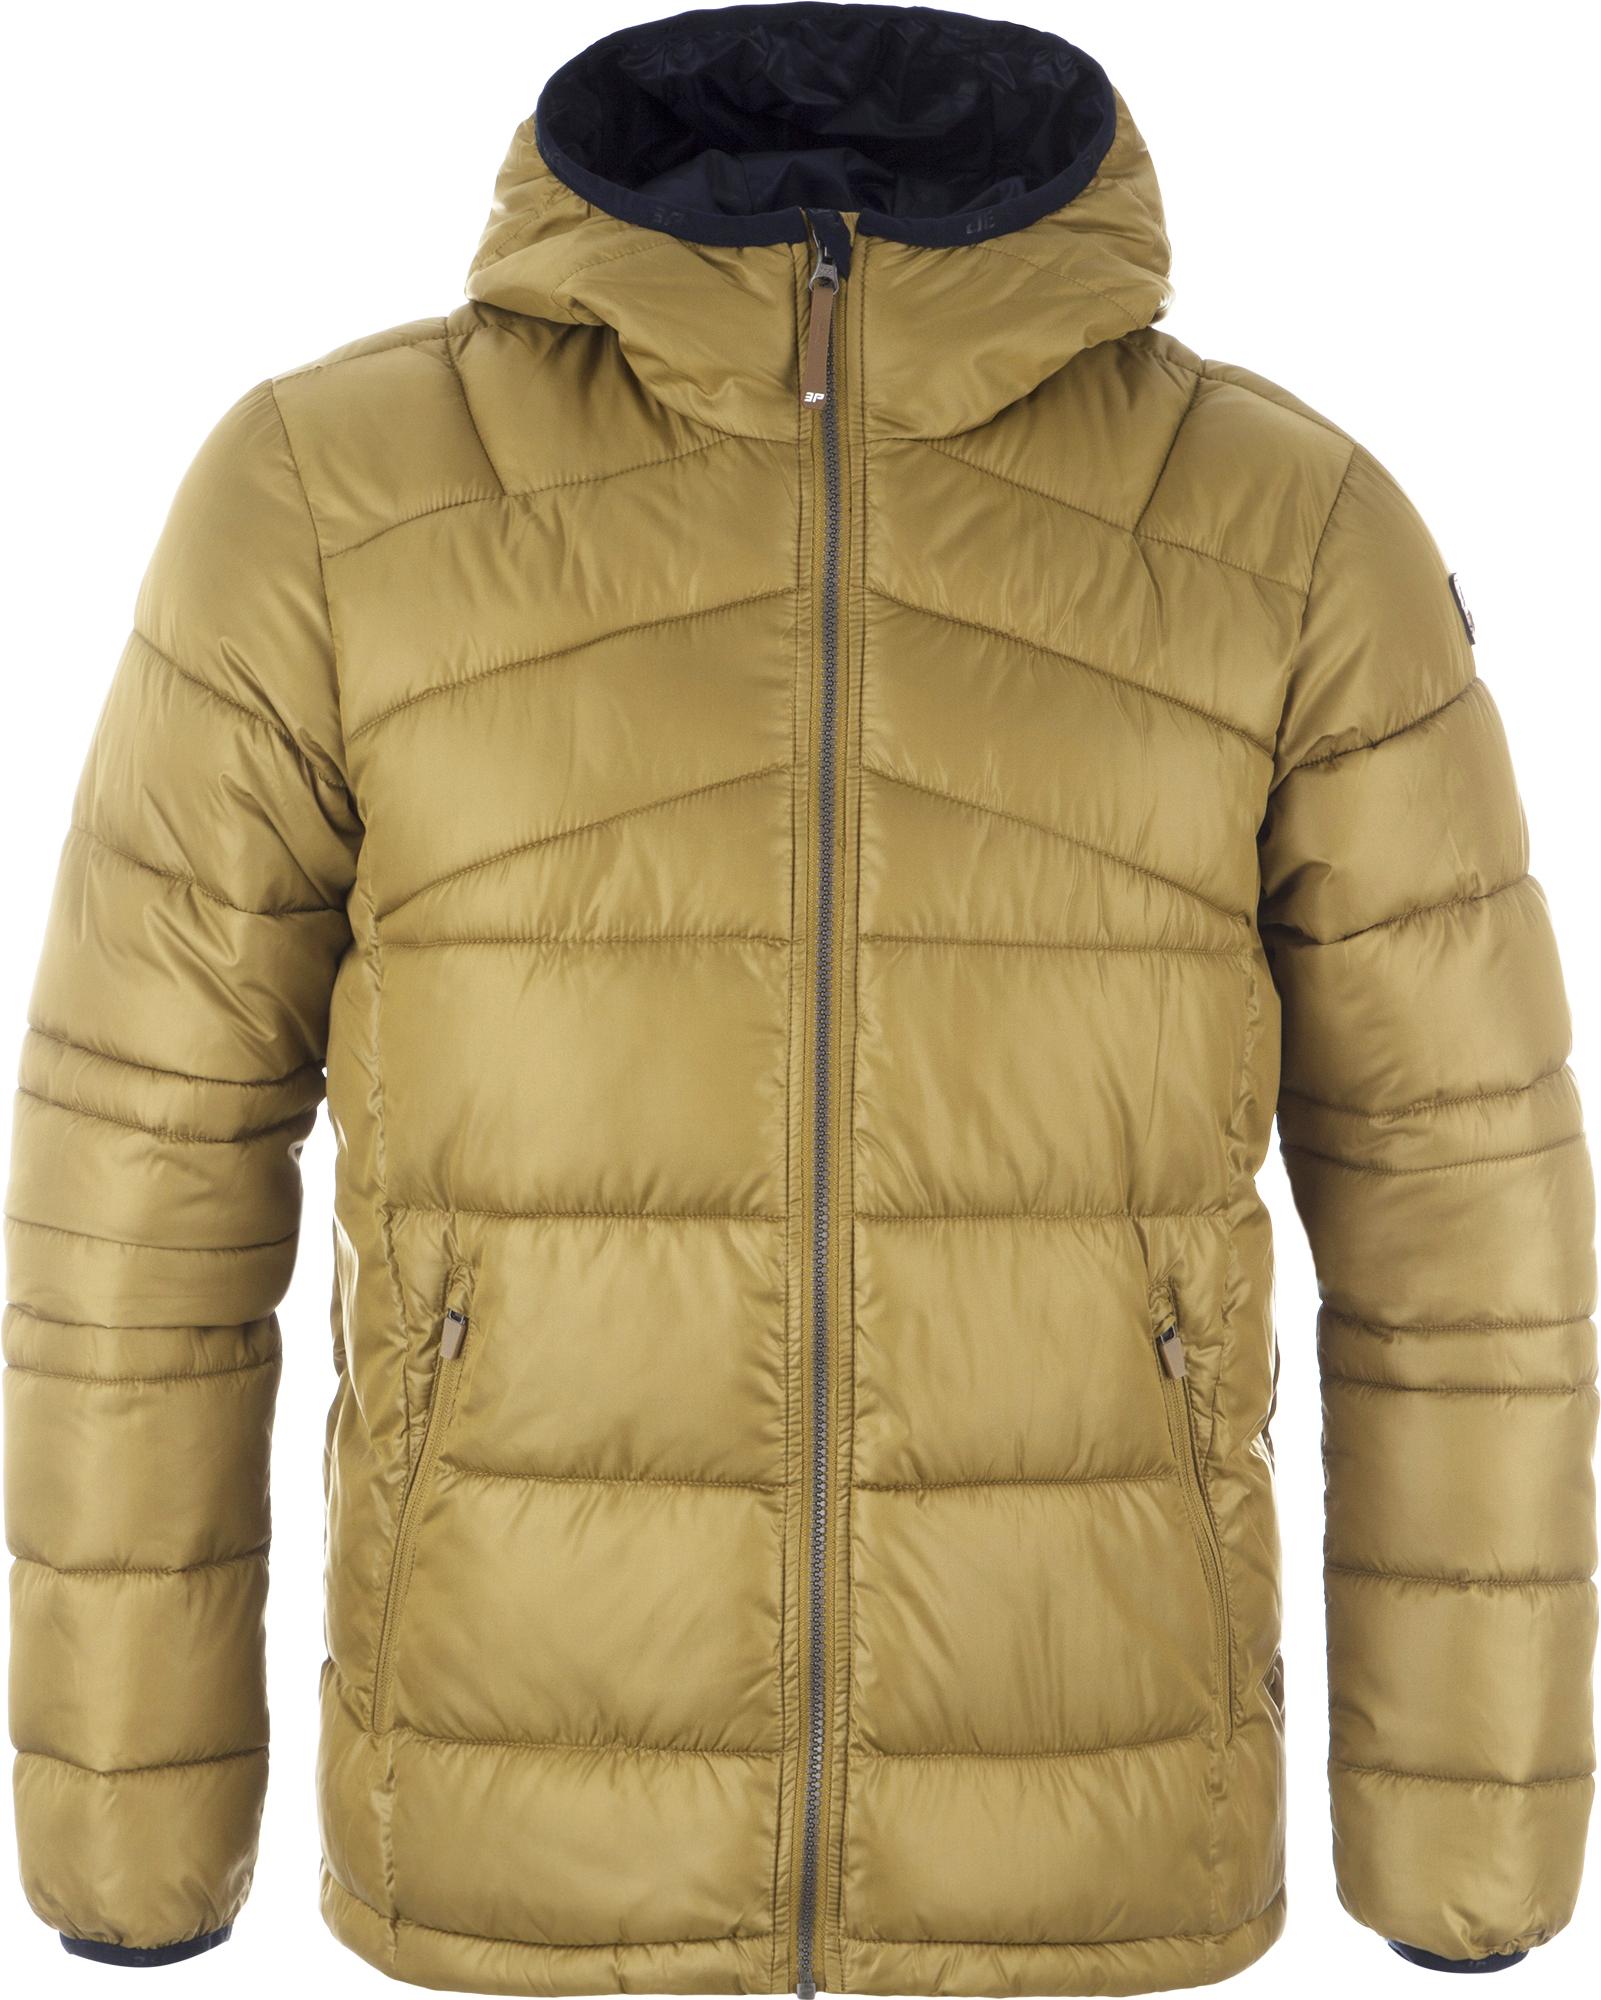 купить IcePeak Куртка утепленная мужская IcePeak Vadim дешево